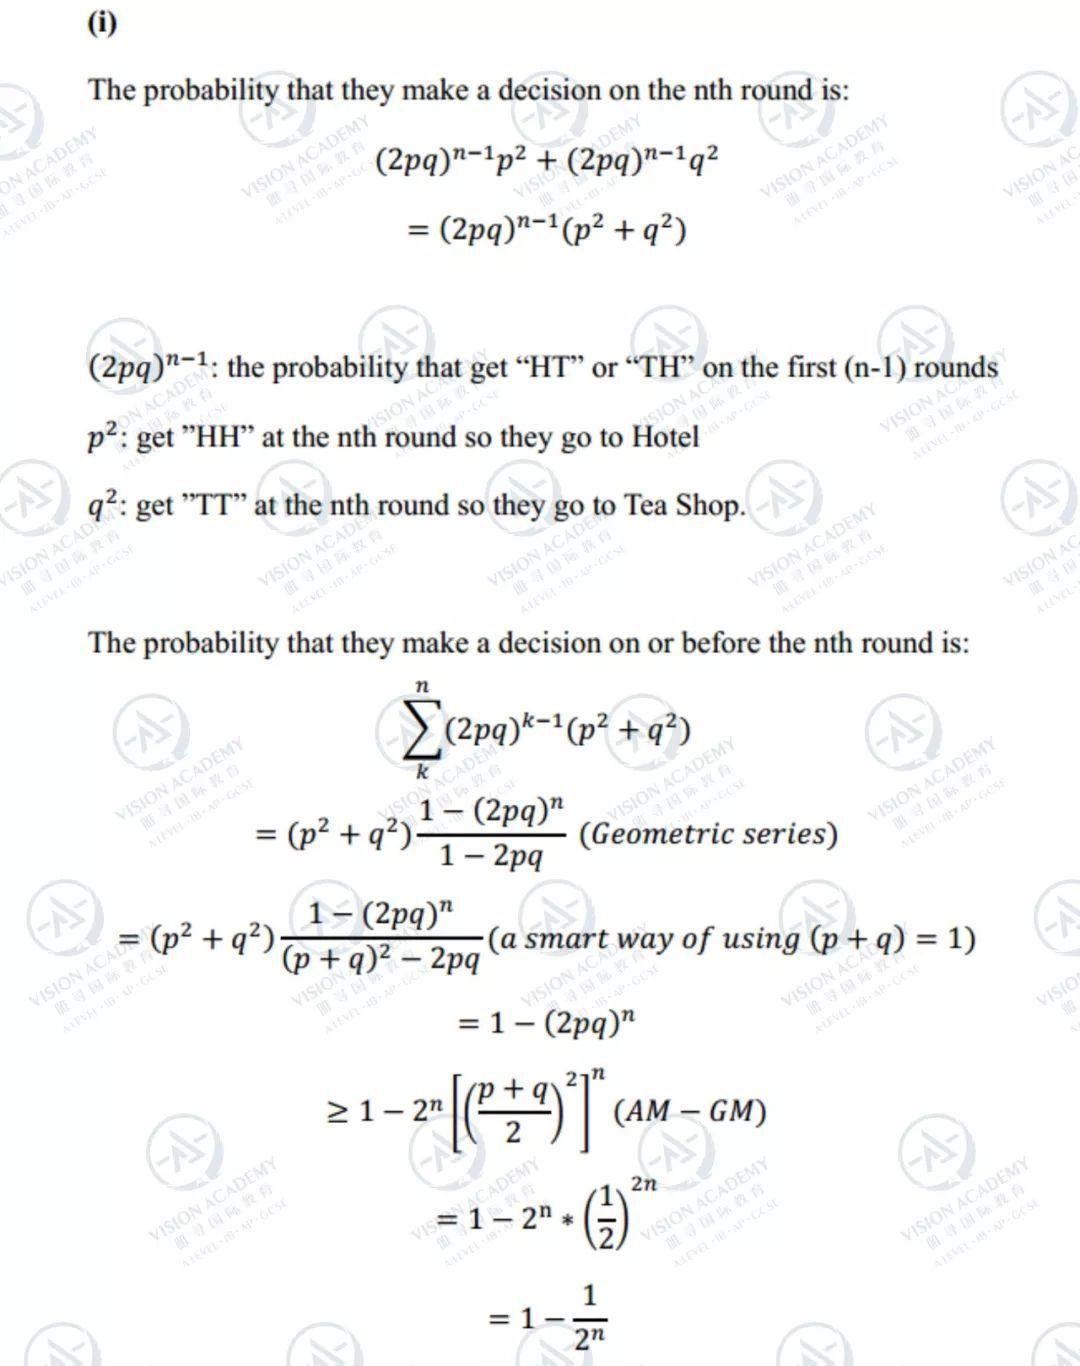 19年STEP1&2最全答案解析+点评+预测来了!自评快看  牛津大学 考试 竞赛 第31张